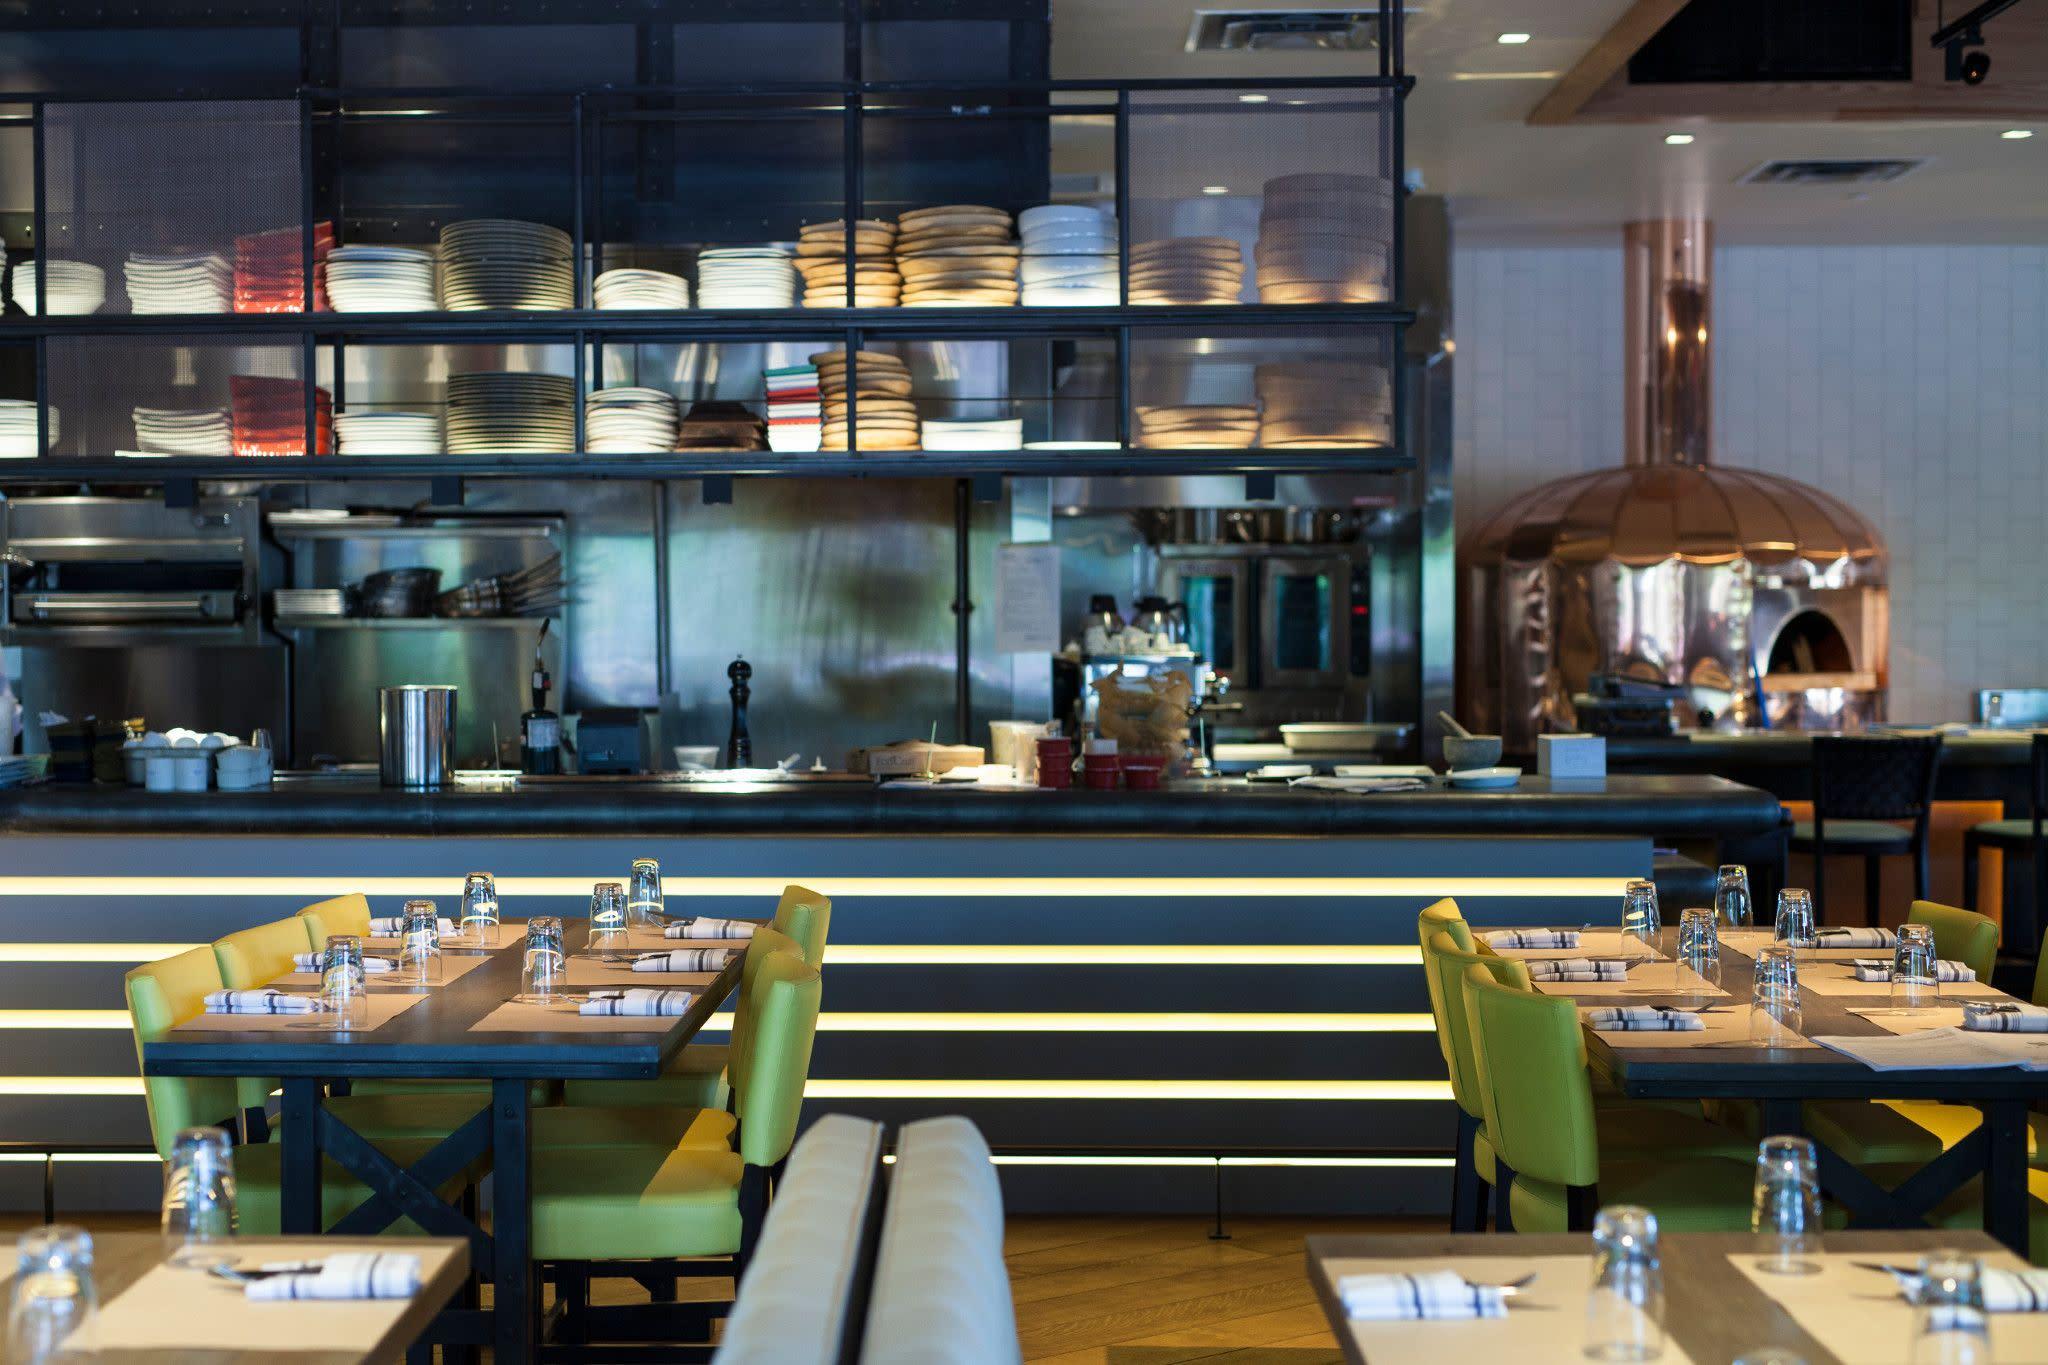 SLATE Restaurant in Orlando